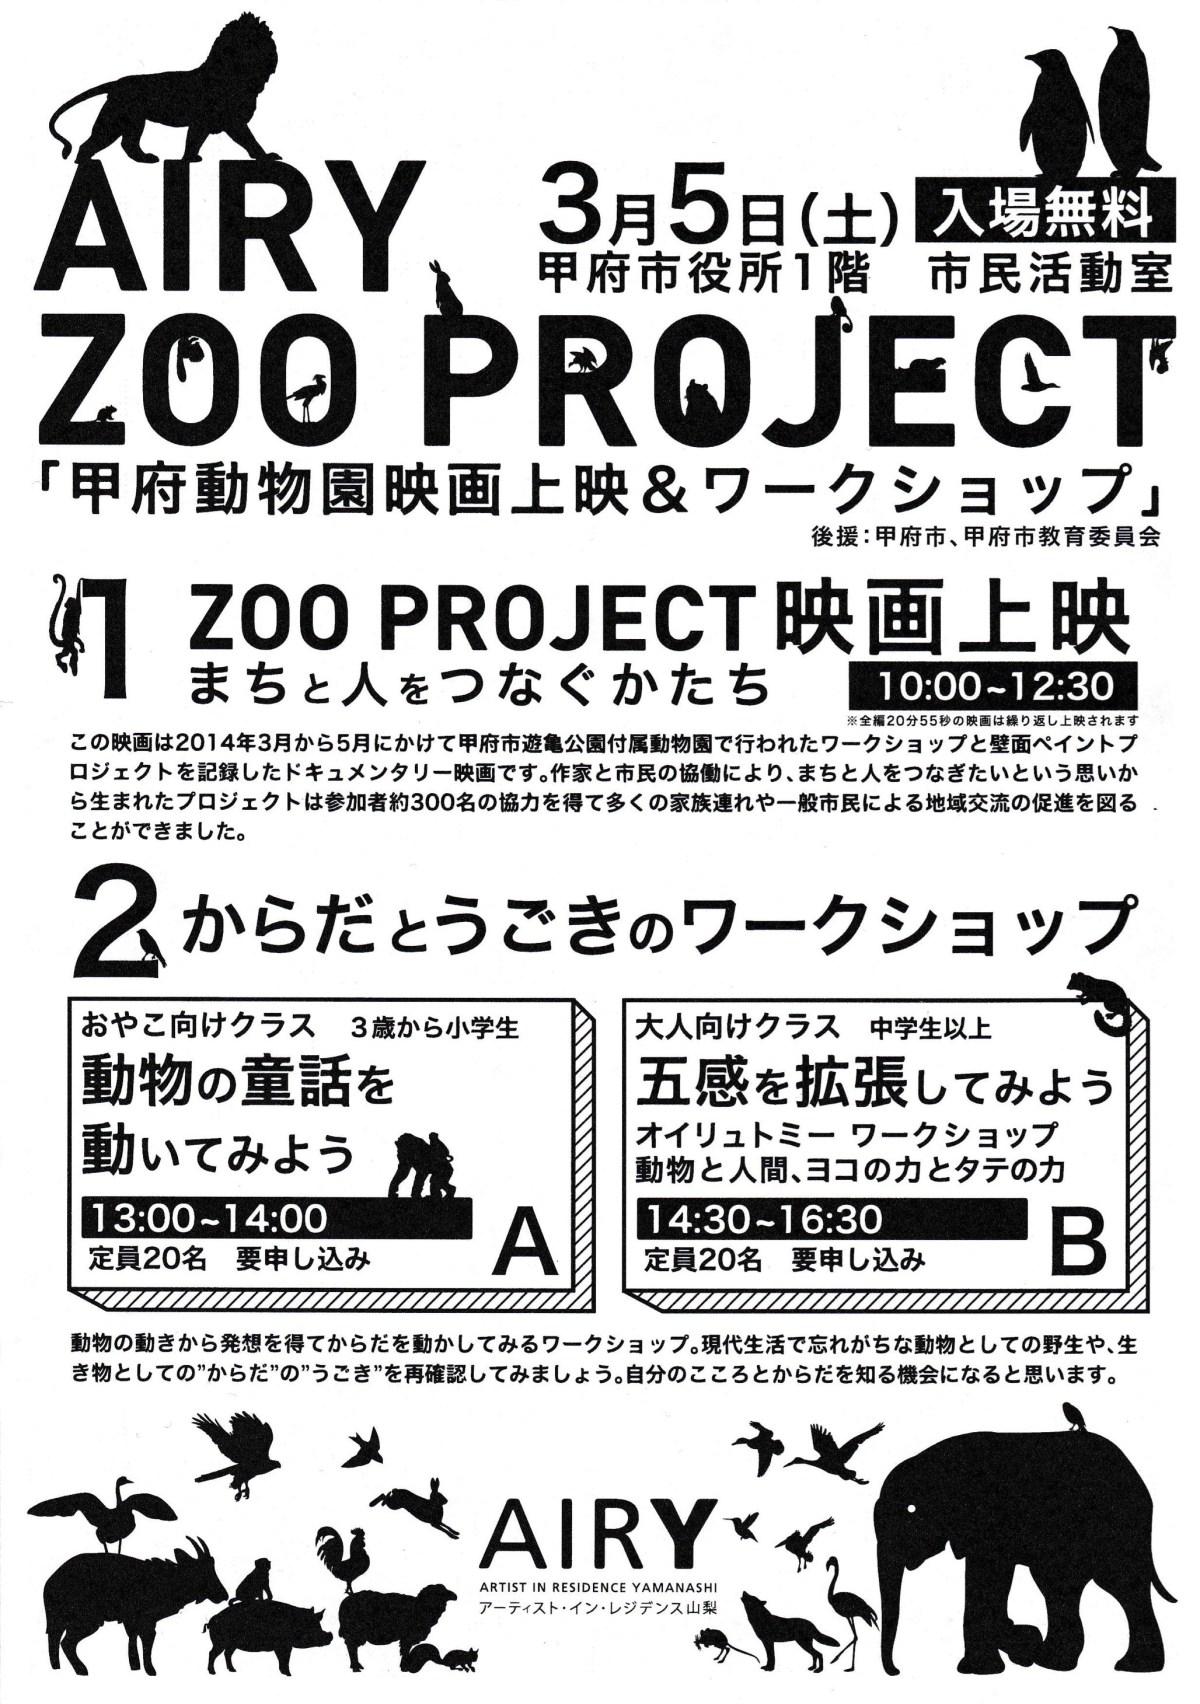 甲府動物園映画上映&ワークショップ